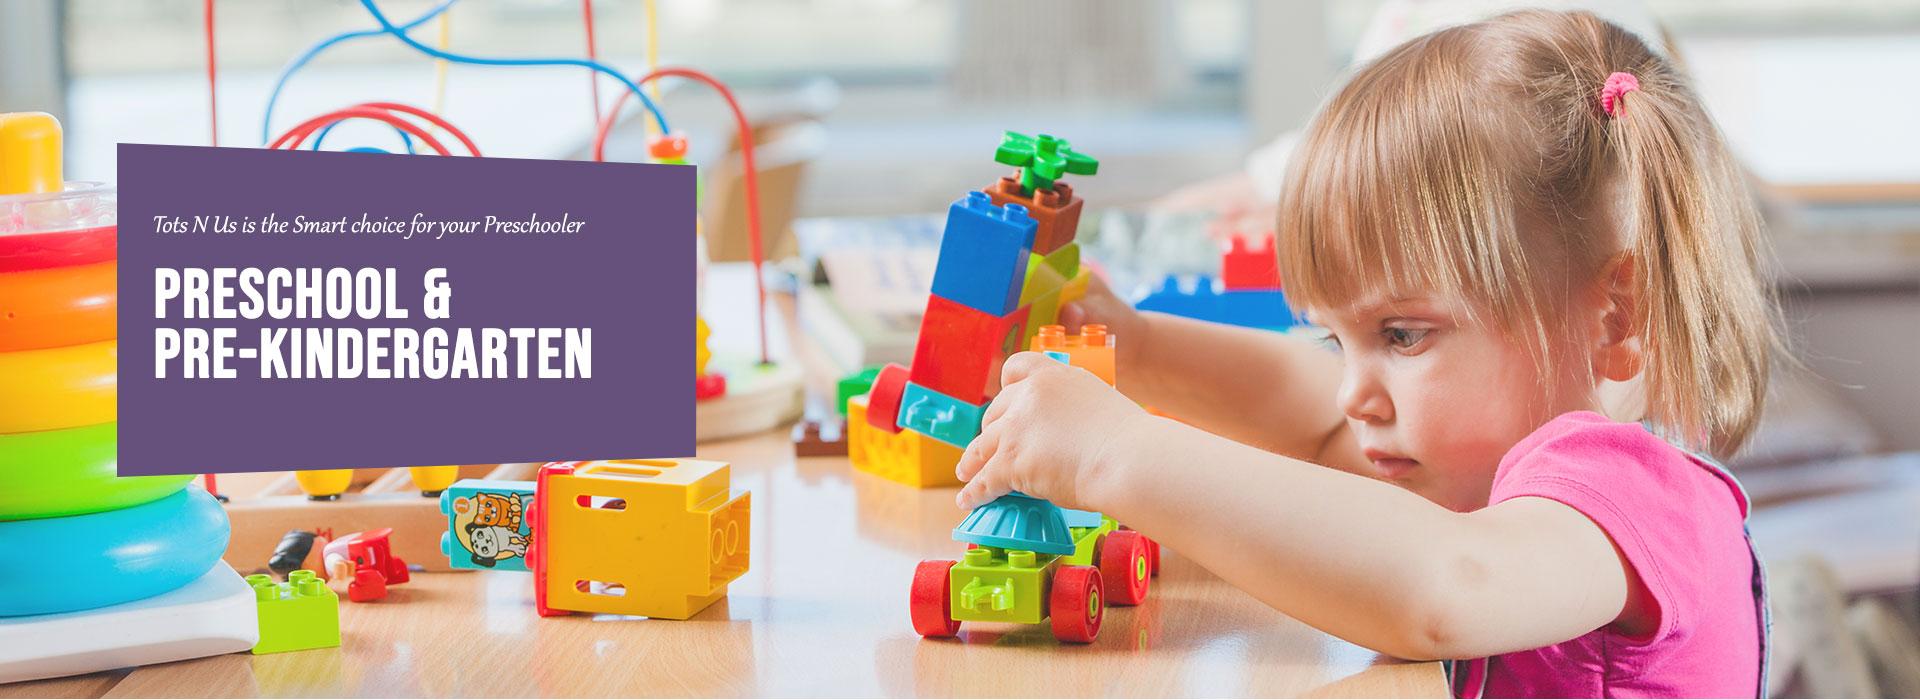 Pre-school and pre kindergarten